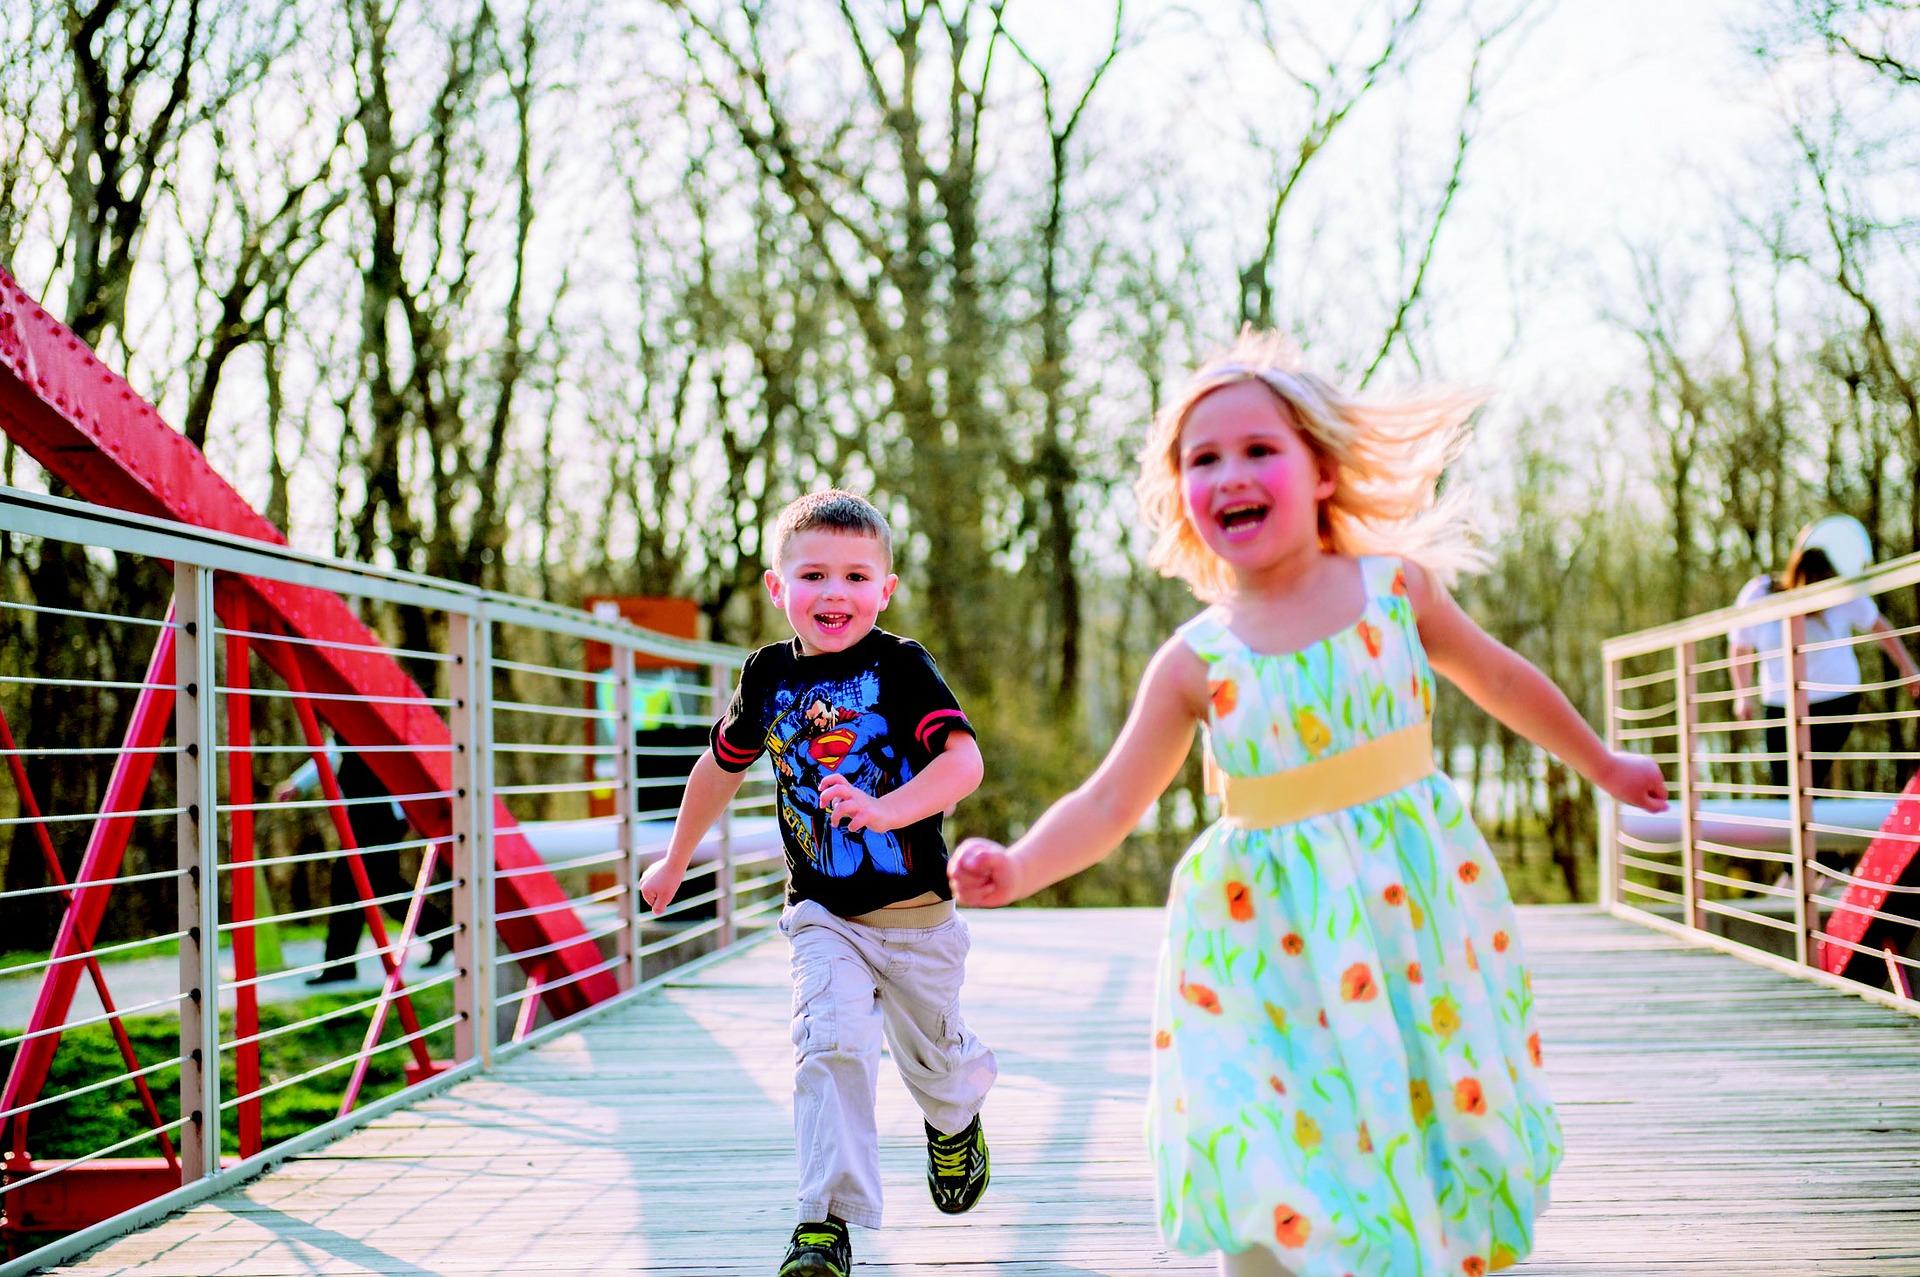 adhd trattamento-Sindrome ADHD-ability channel-iperattività-adhd sintomi-bambini iperattivi-deficit di attenzione-adhd cause-iperattività nei bambini-dislessia-adhd sindrome-adhd adulti